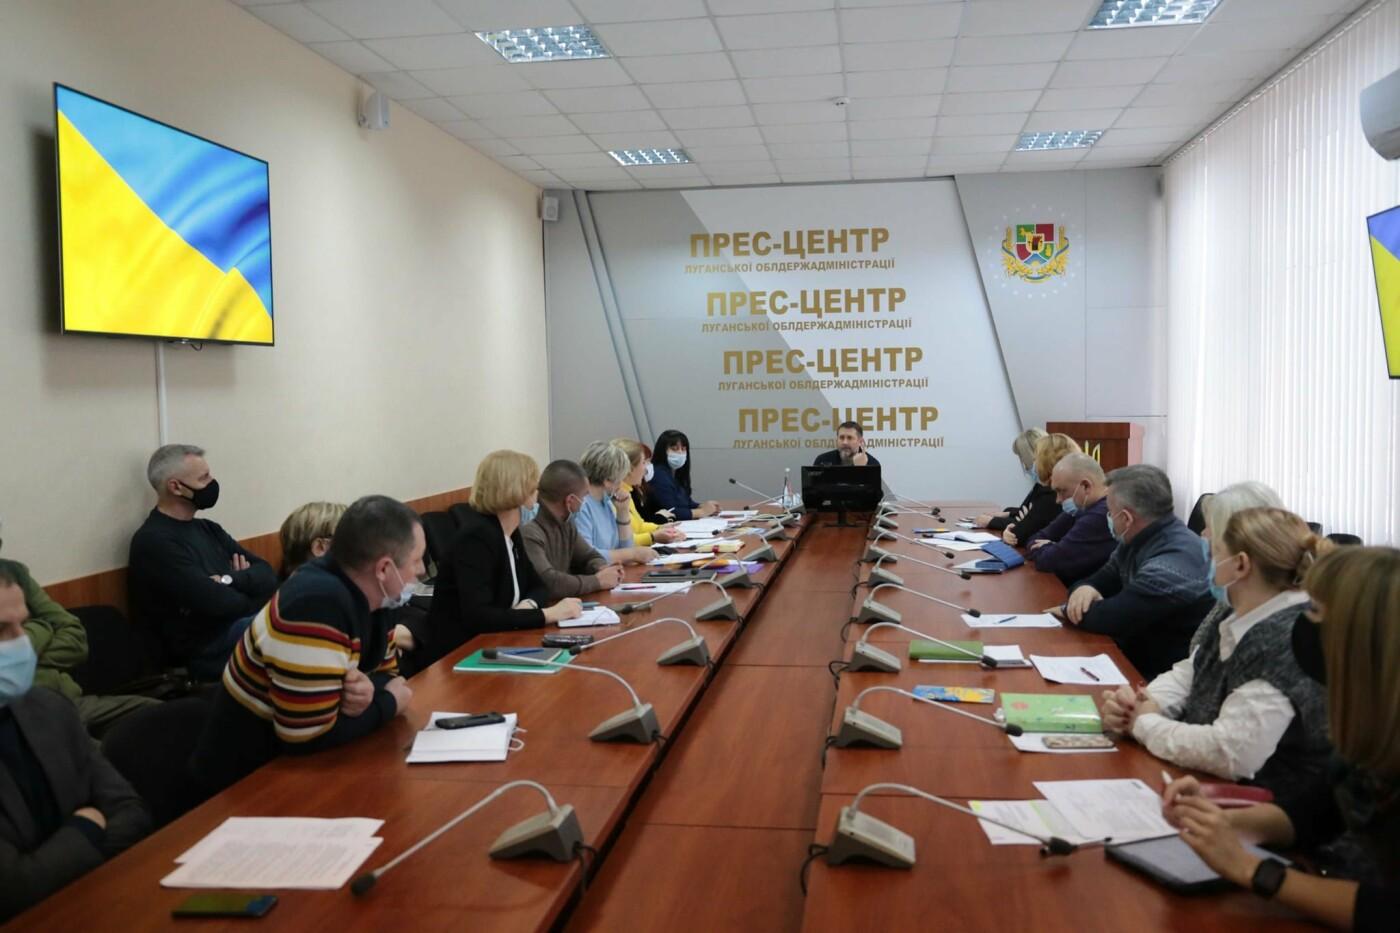 На Луганщине начали подготовку к 30-летию Независимости Украины, фото-1